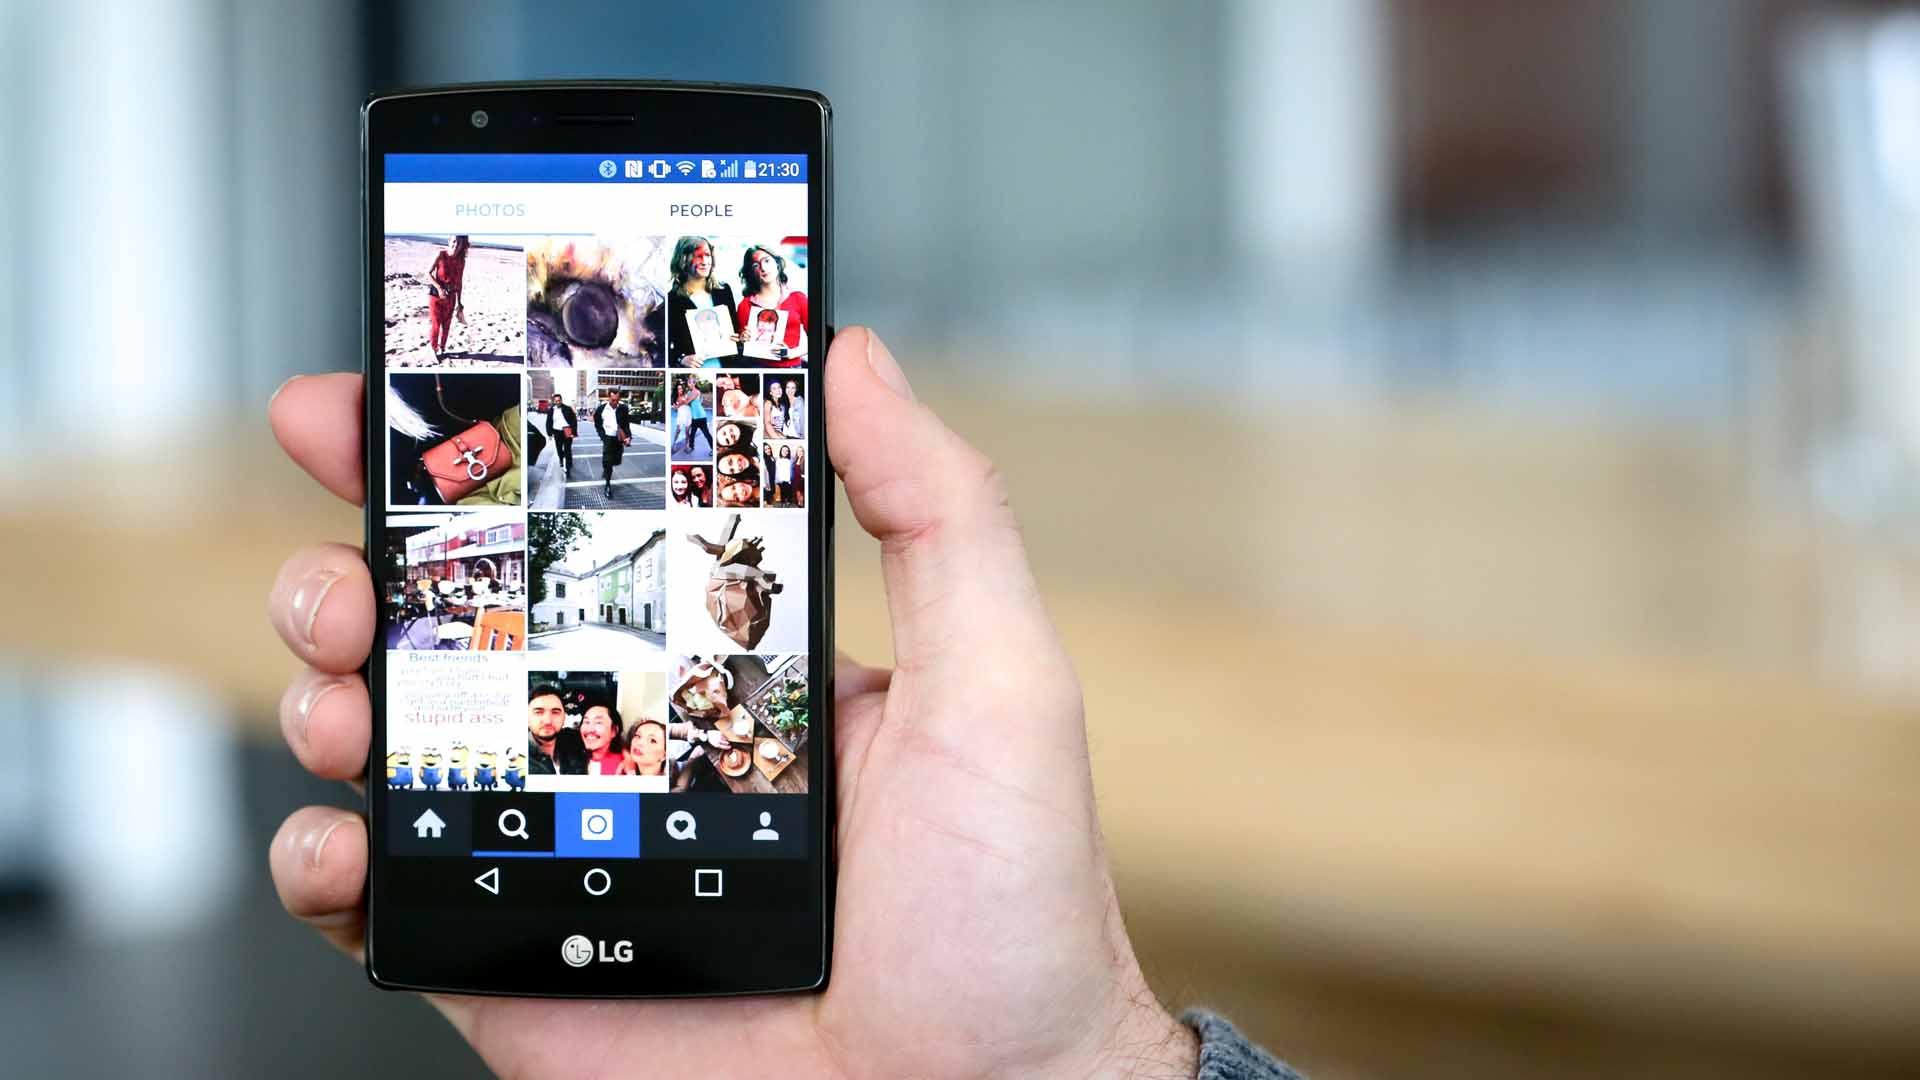 Una imagen consolidada en las Redes Sociales es una de las catapultas de marketing más actuales y potentes del mercado